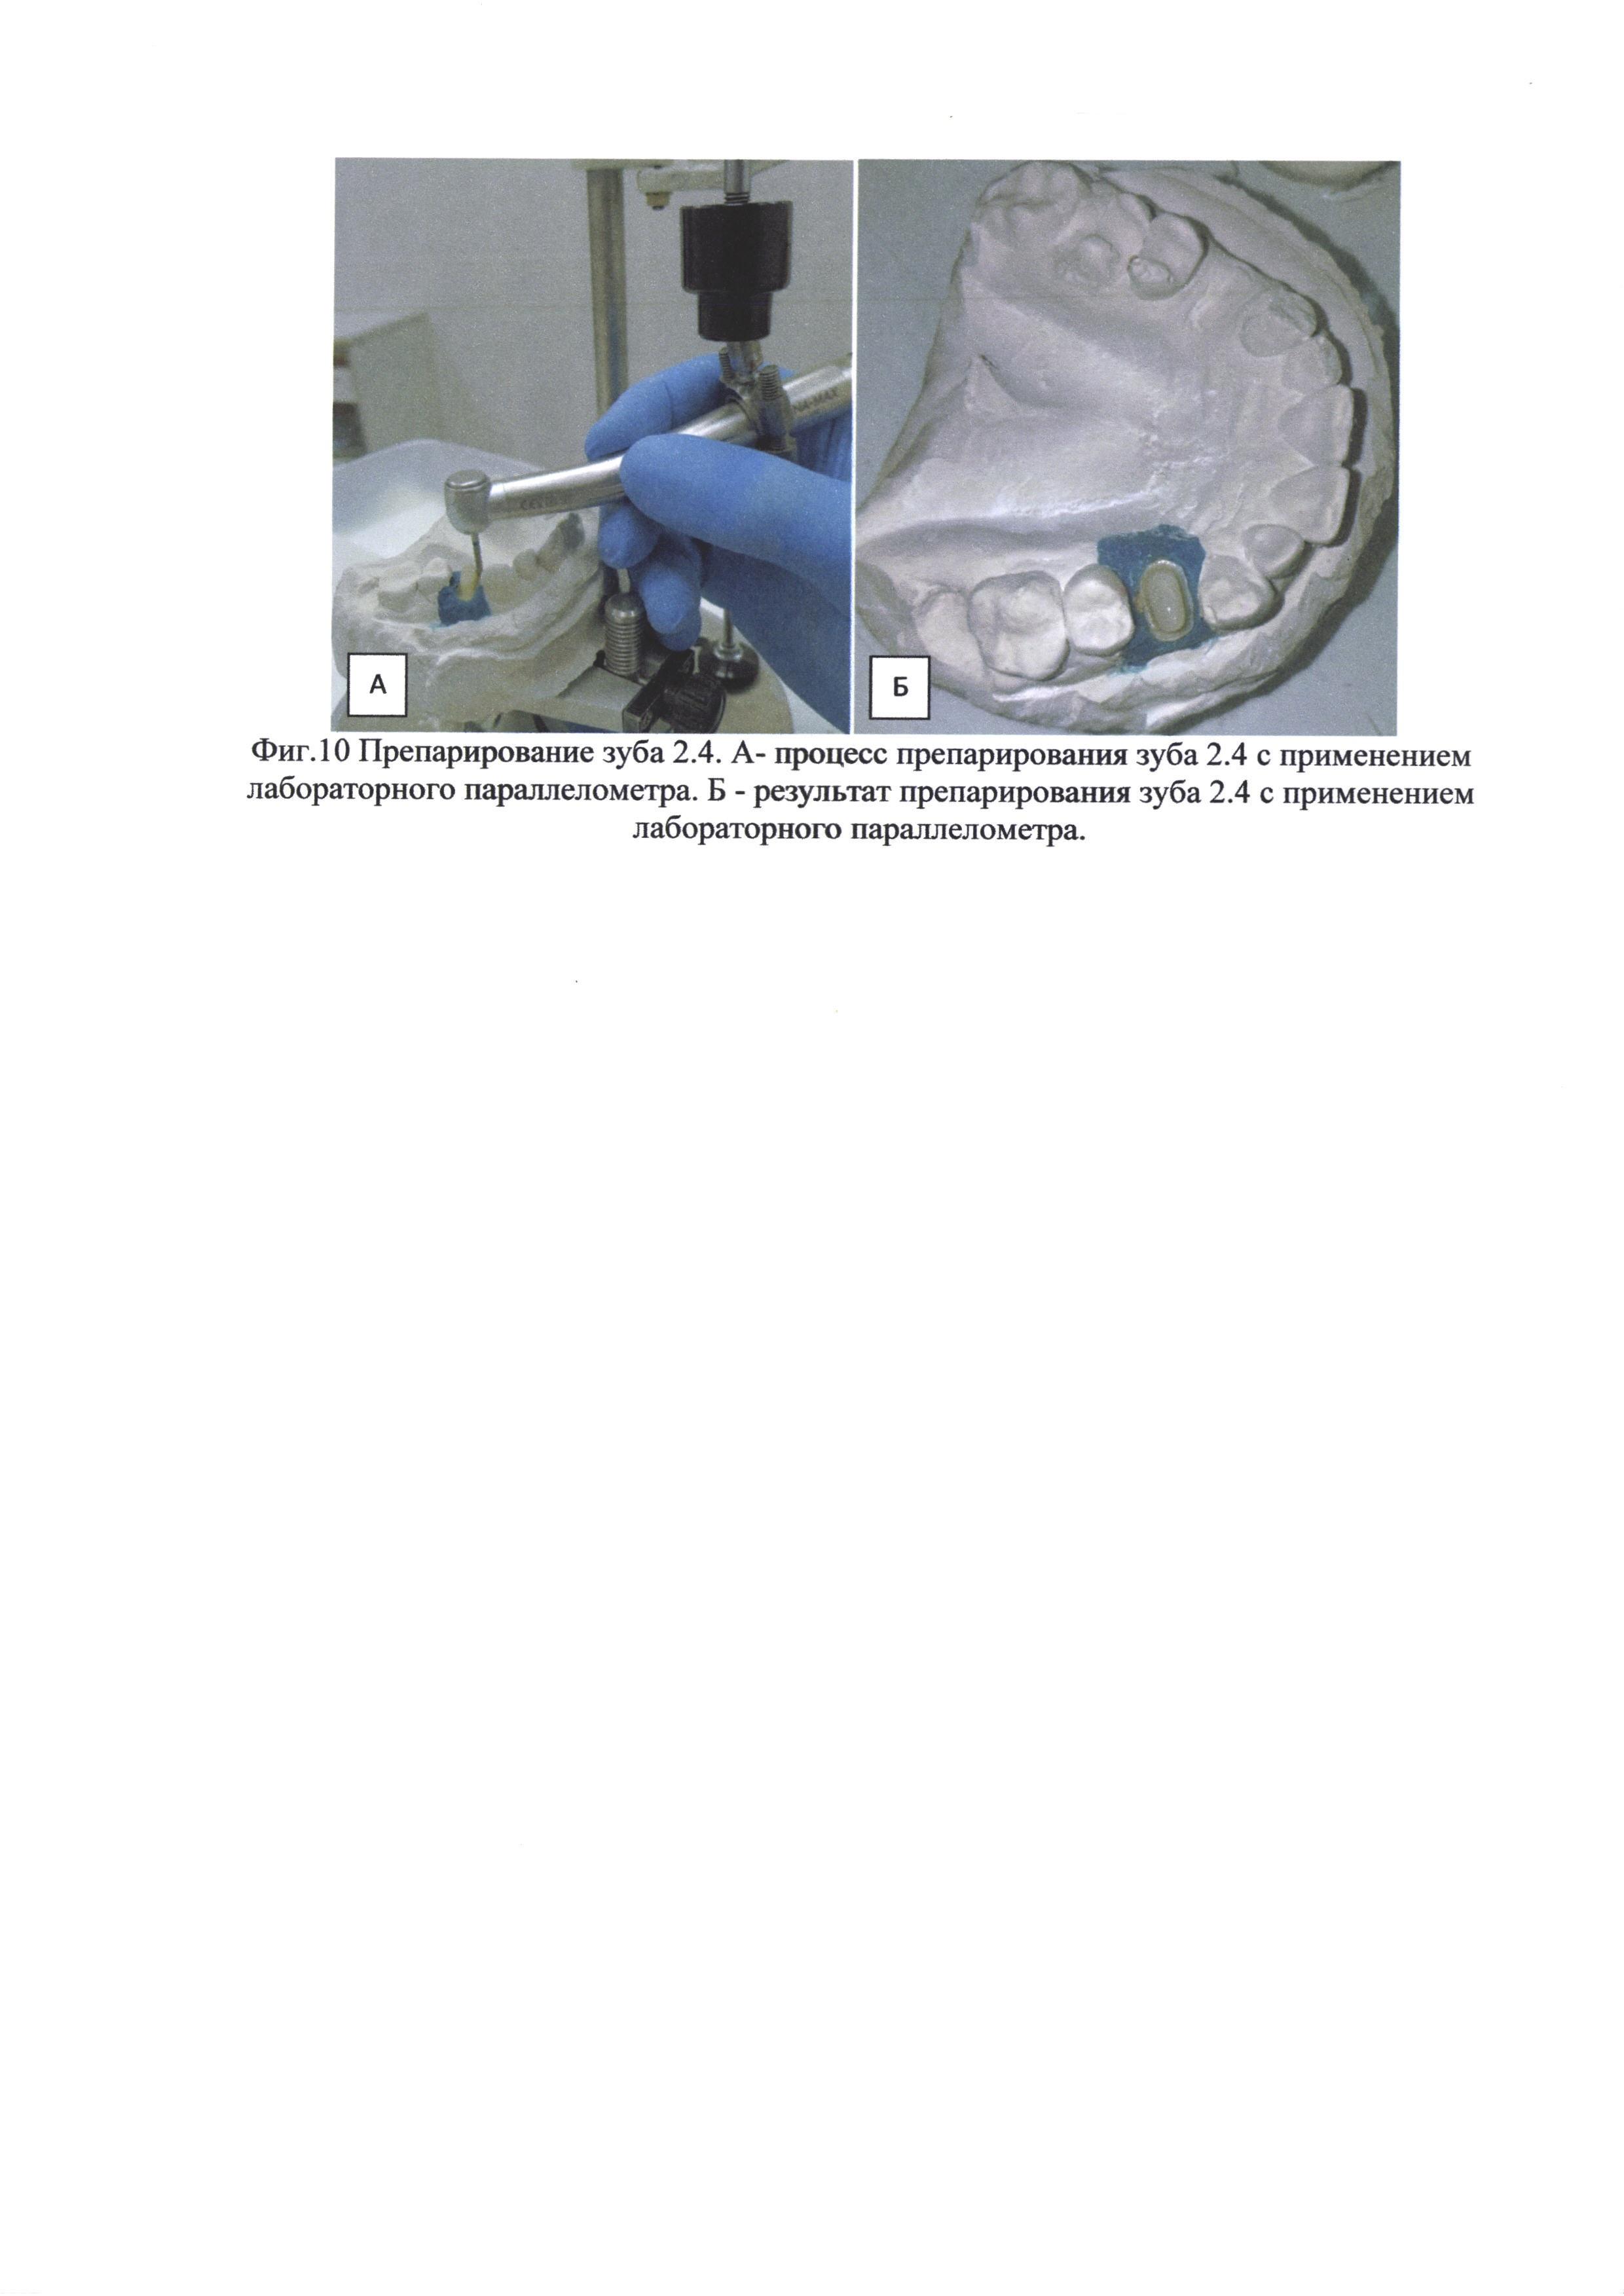 Способ внеротового одонтопрепарирования и изготовления провизорной коронки на реплантируемый зуб